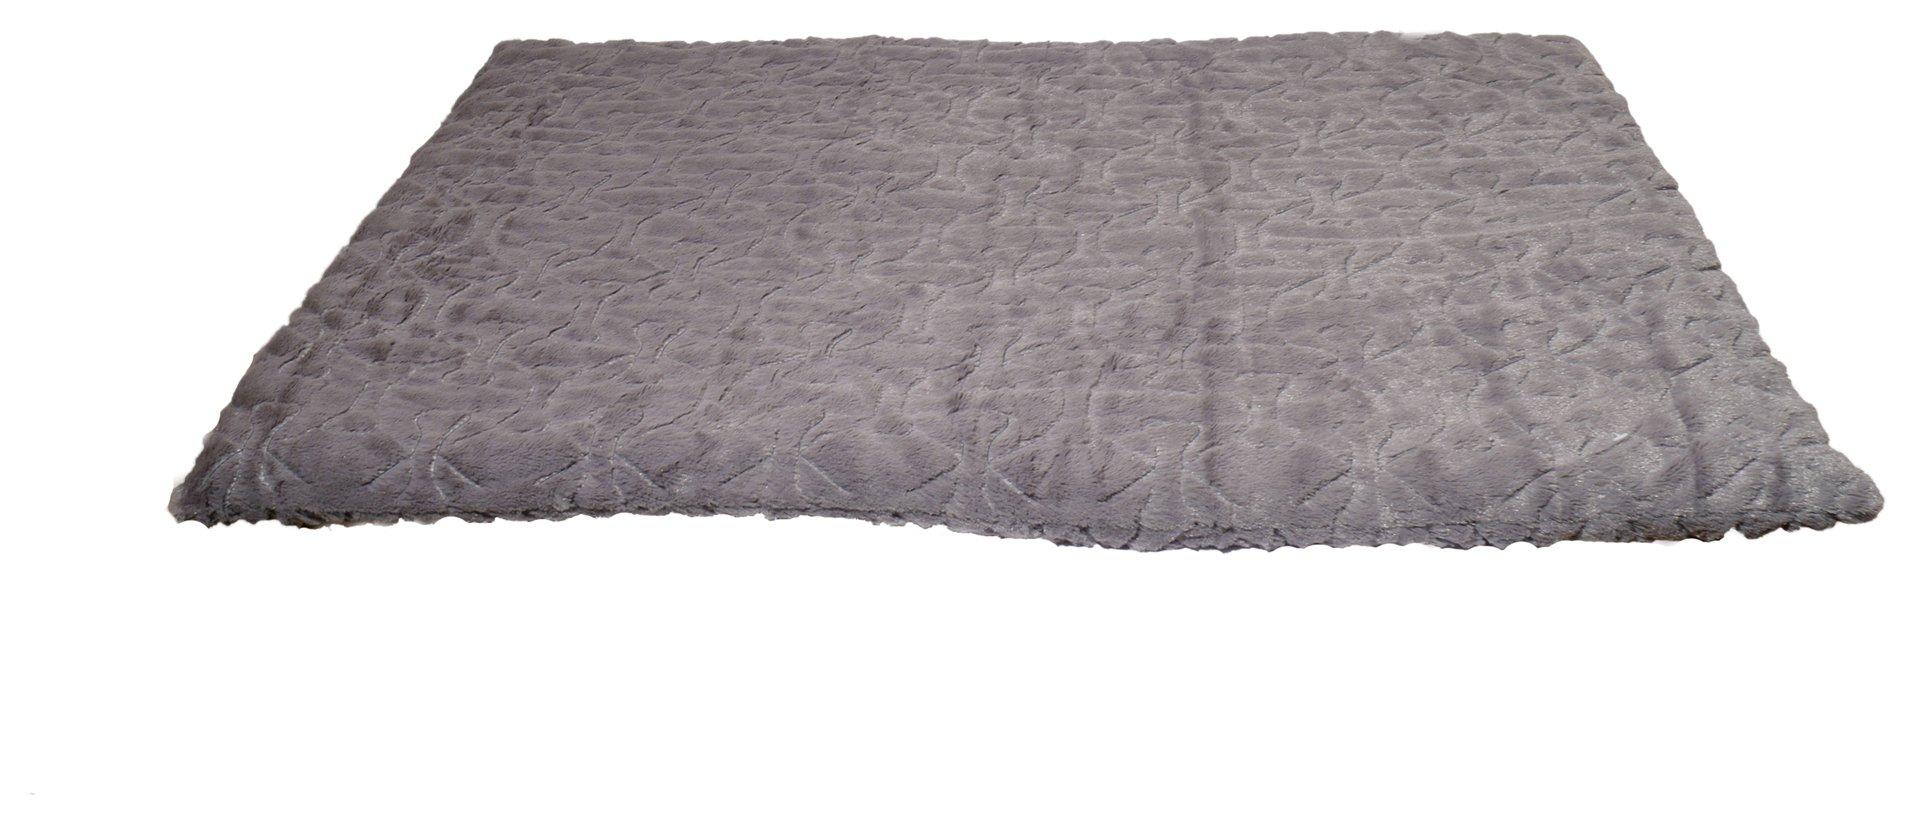 rosewood-orthopaedic-bone-plush-mattress-extra-large